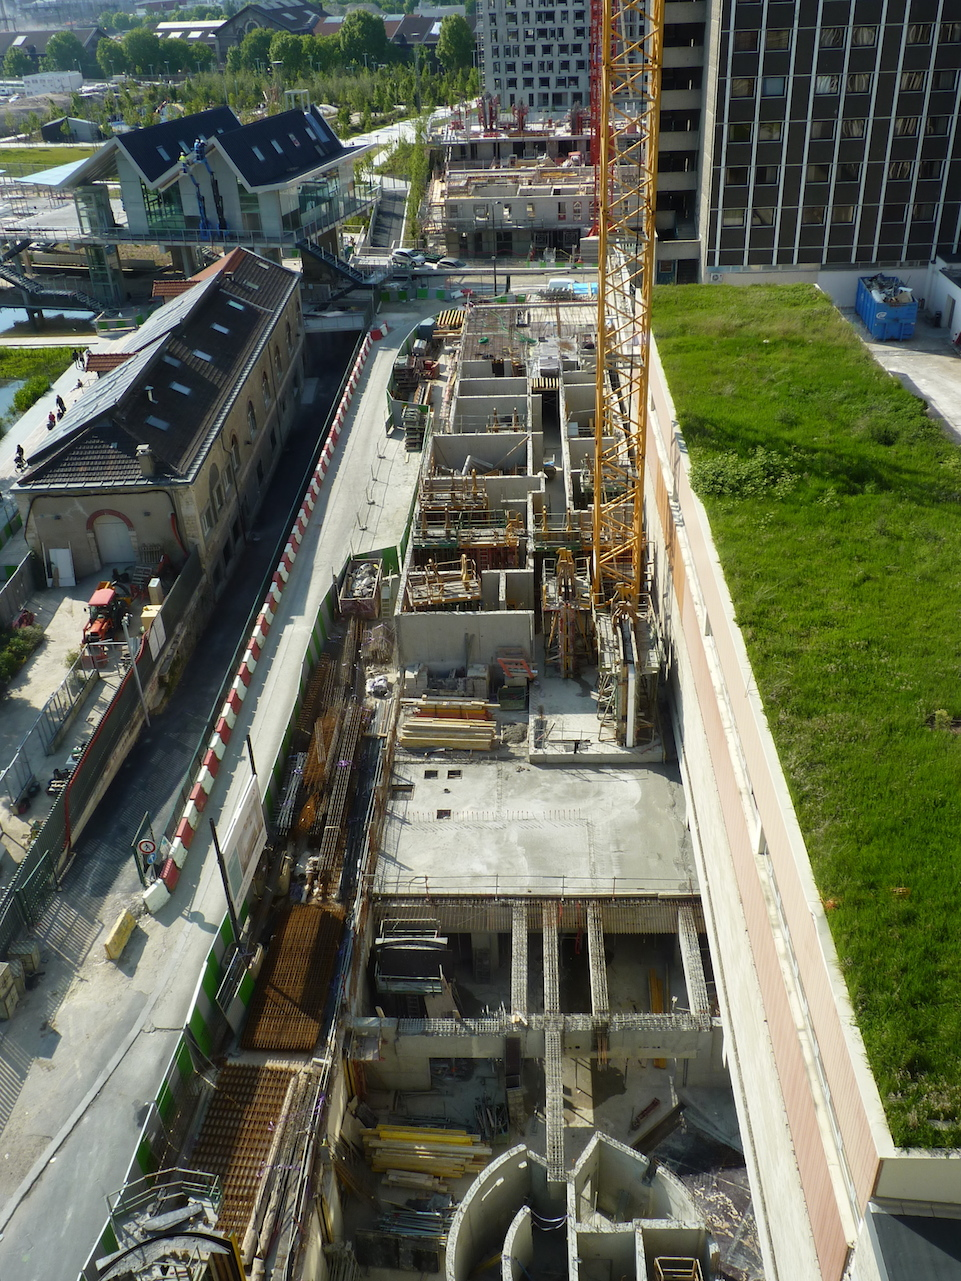 Vue générale, de haut, du chantier de Parc 17